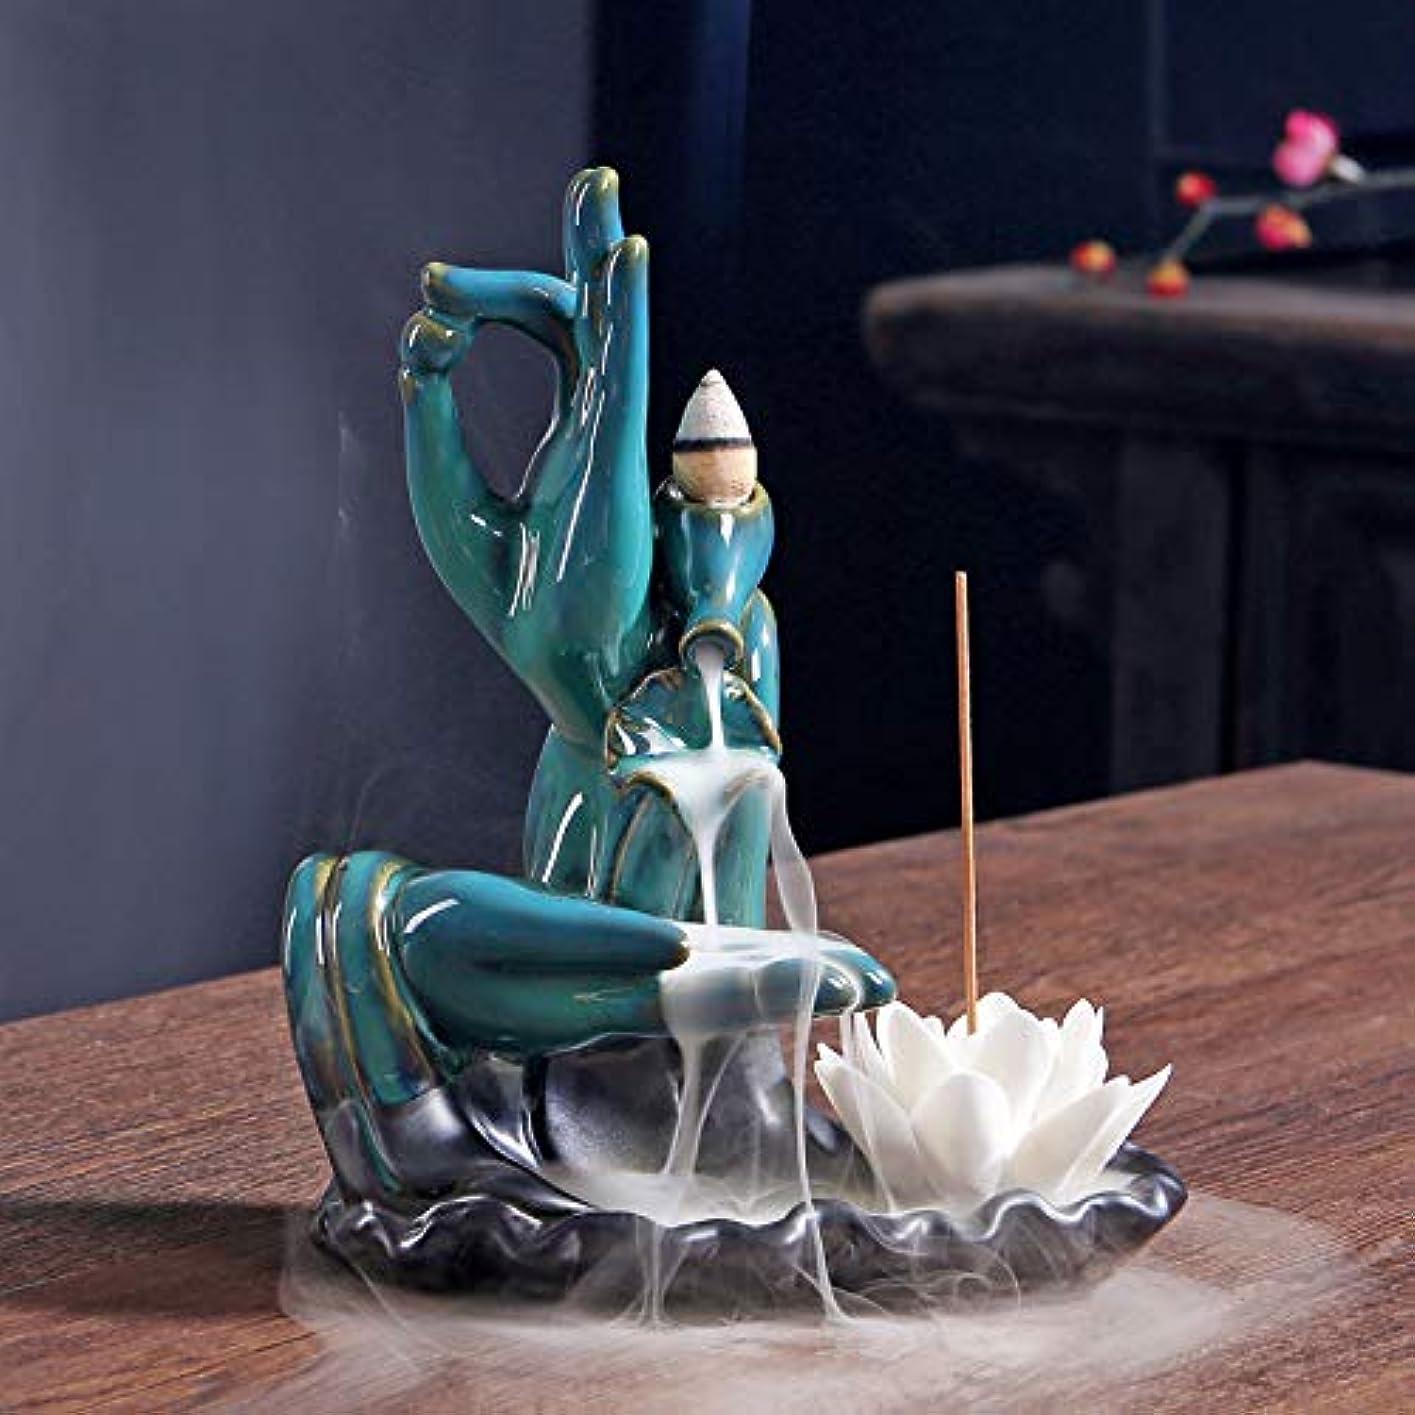 飢ヘクタール詩PHILOGOD blue Buddha hand backflow incense holder ceramics incense cone stick burner Creative Home Decoration Ornamental